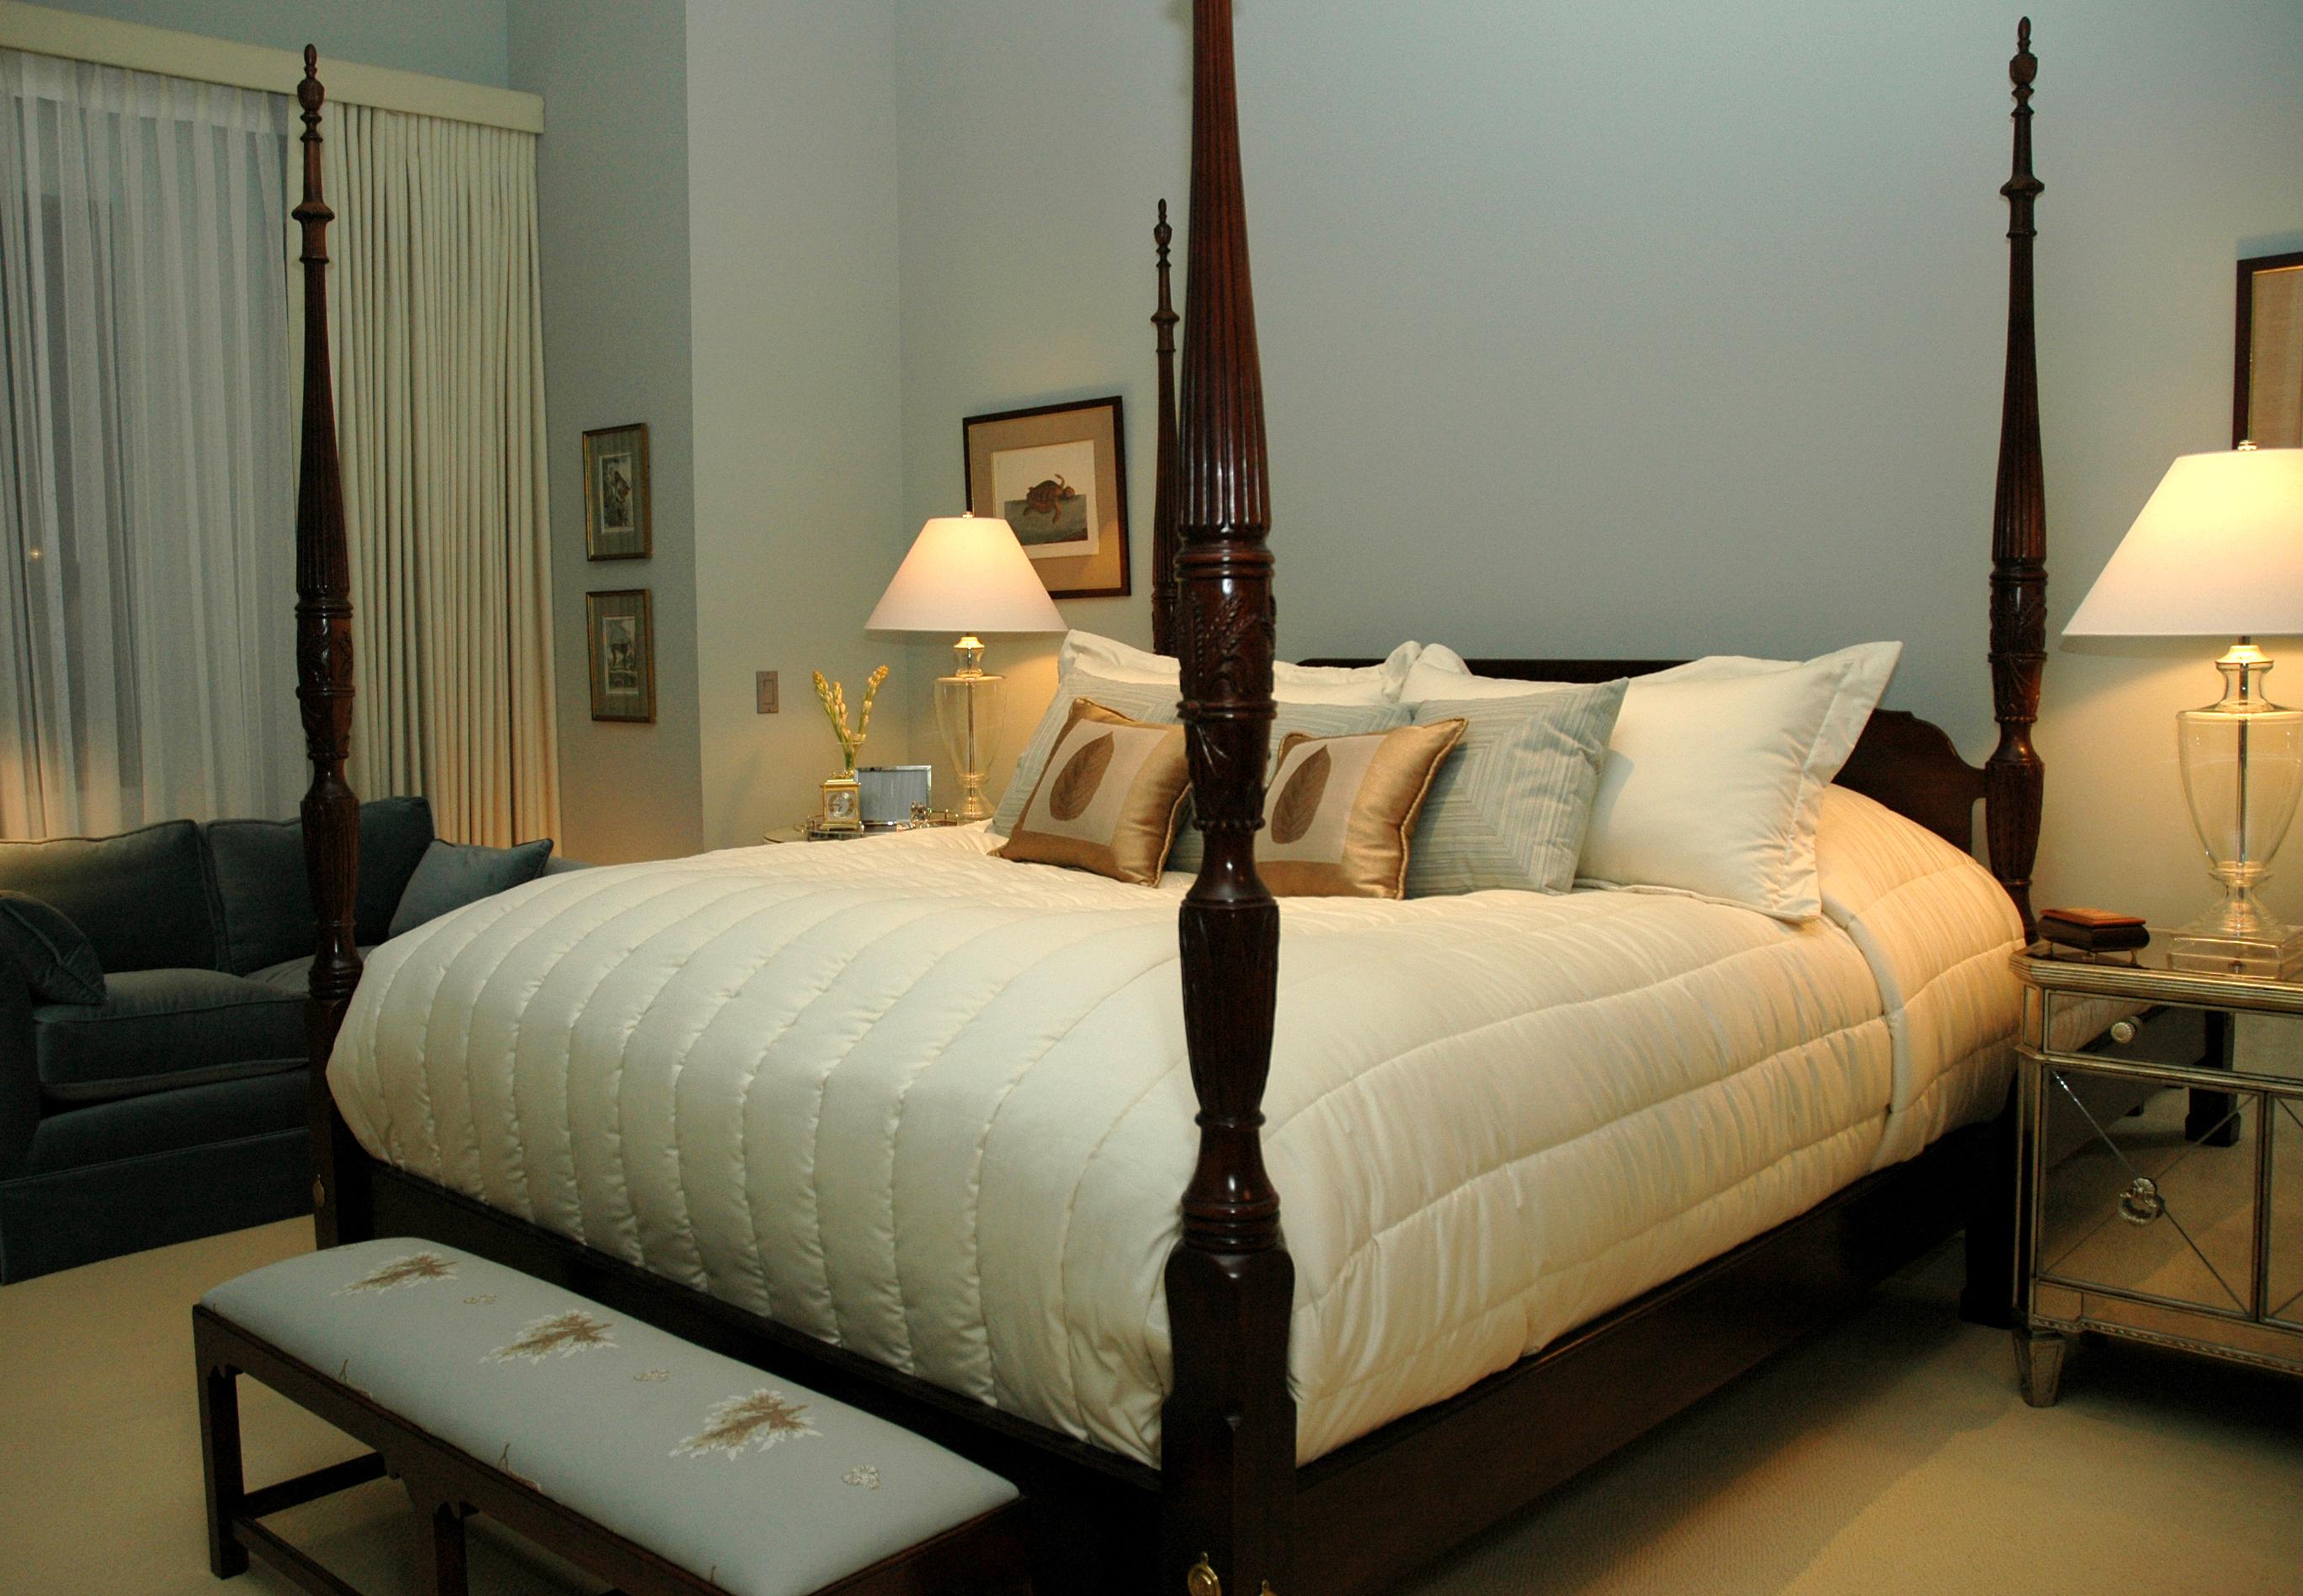 Dykes guestbedroom